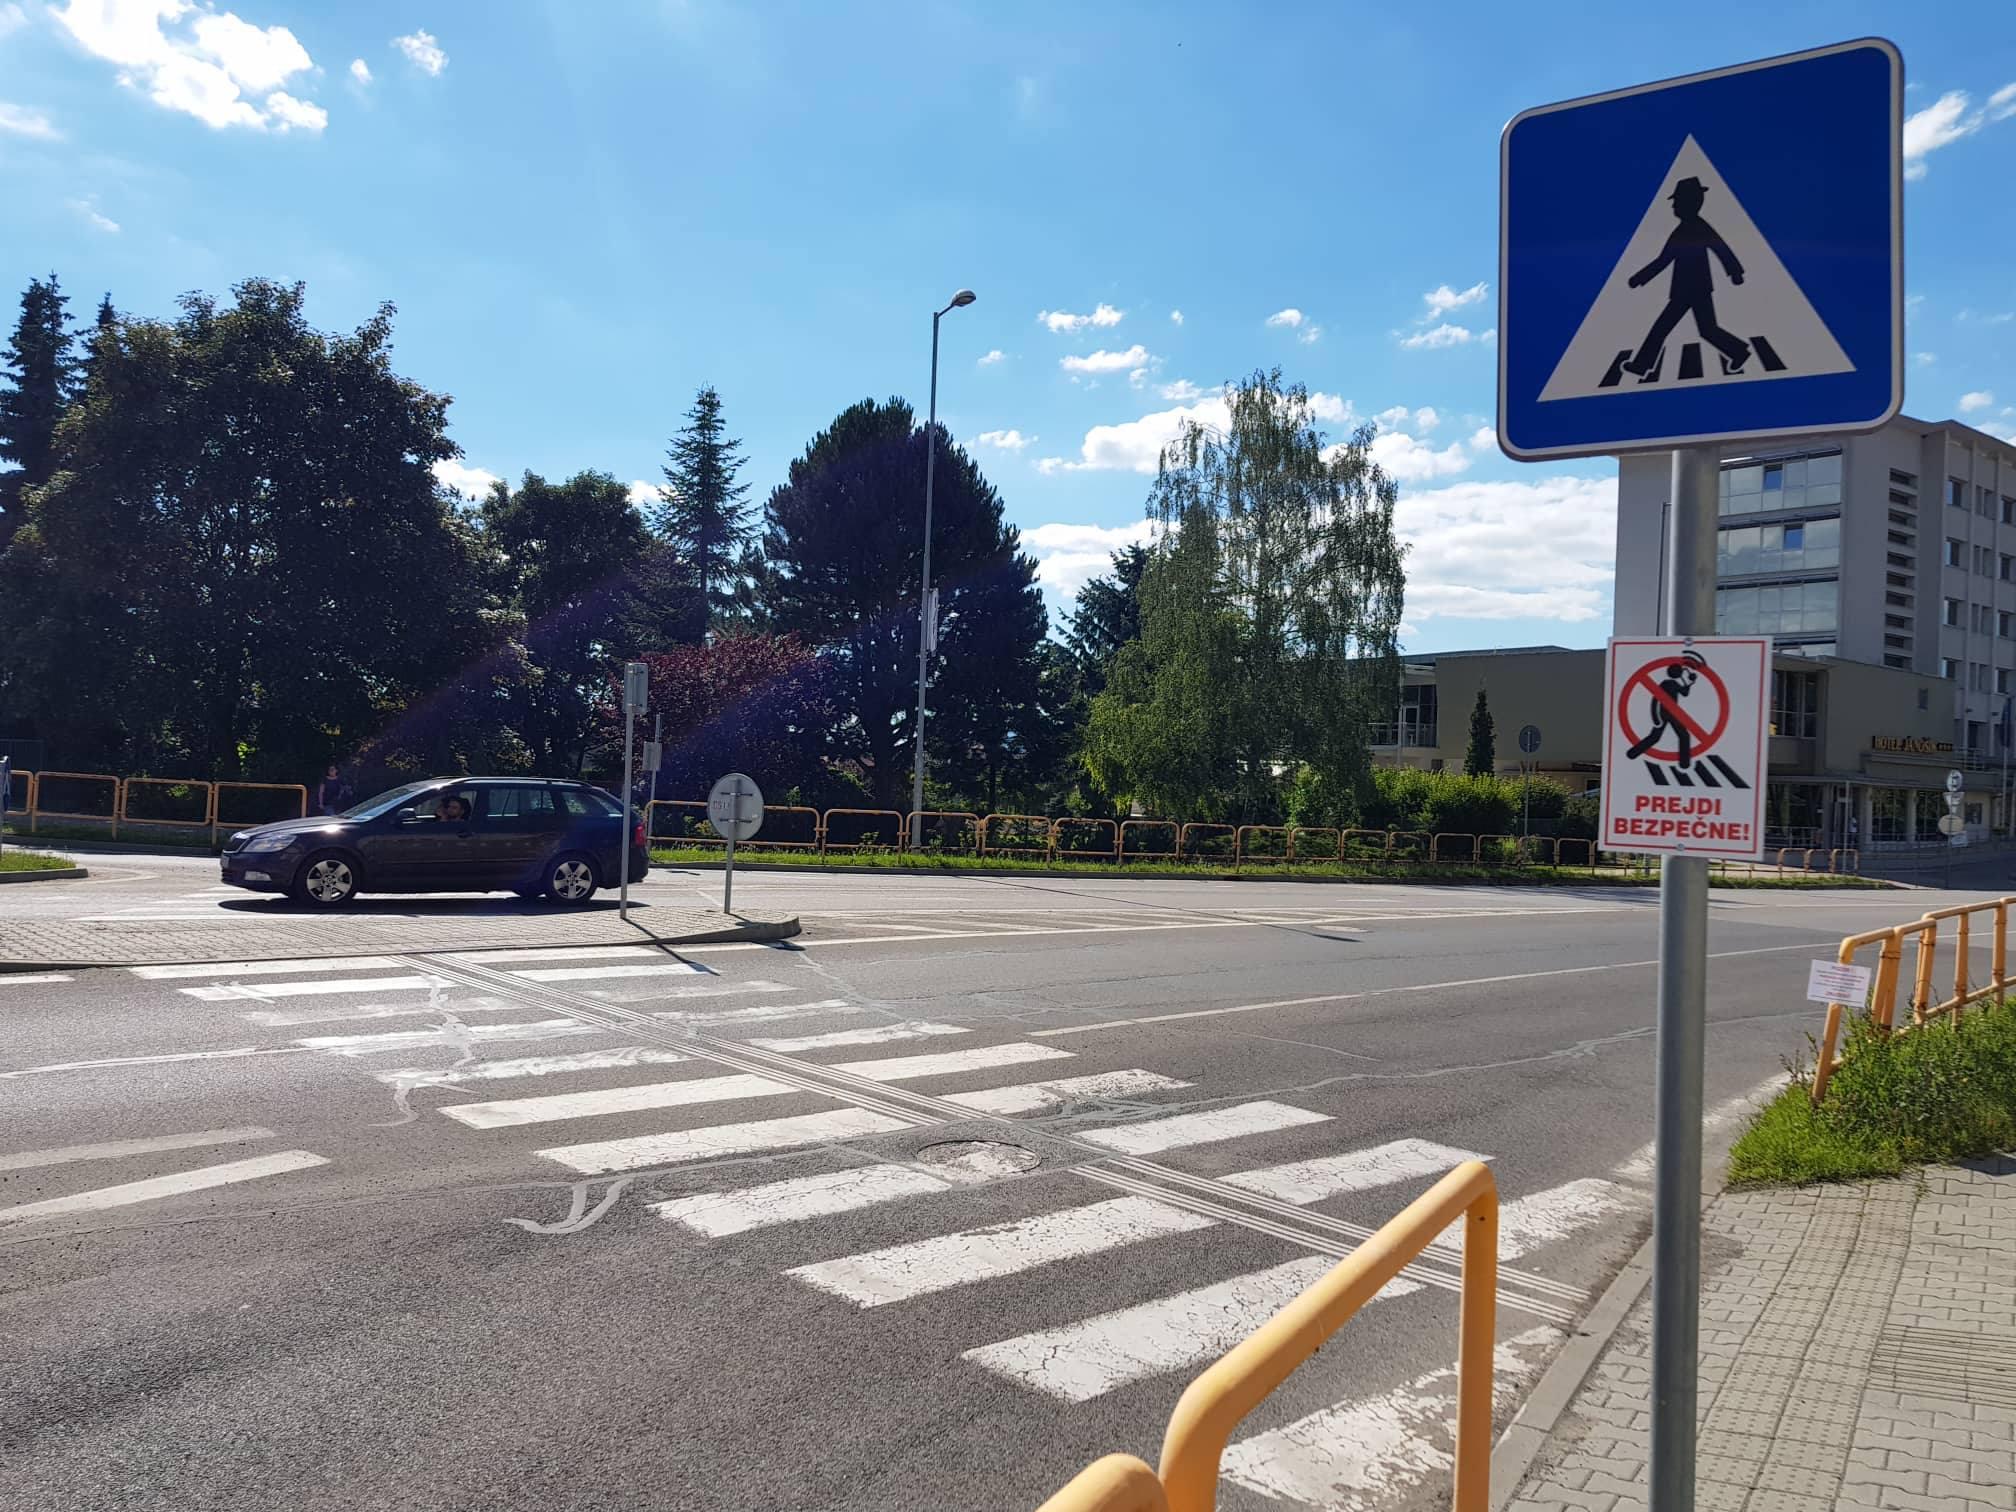 Novinka v bezpečnosti chodcov: Nepozeraj do mobilu a prejdi bezpečne!